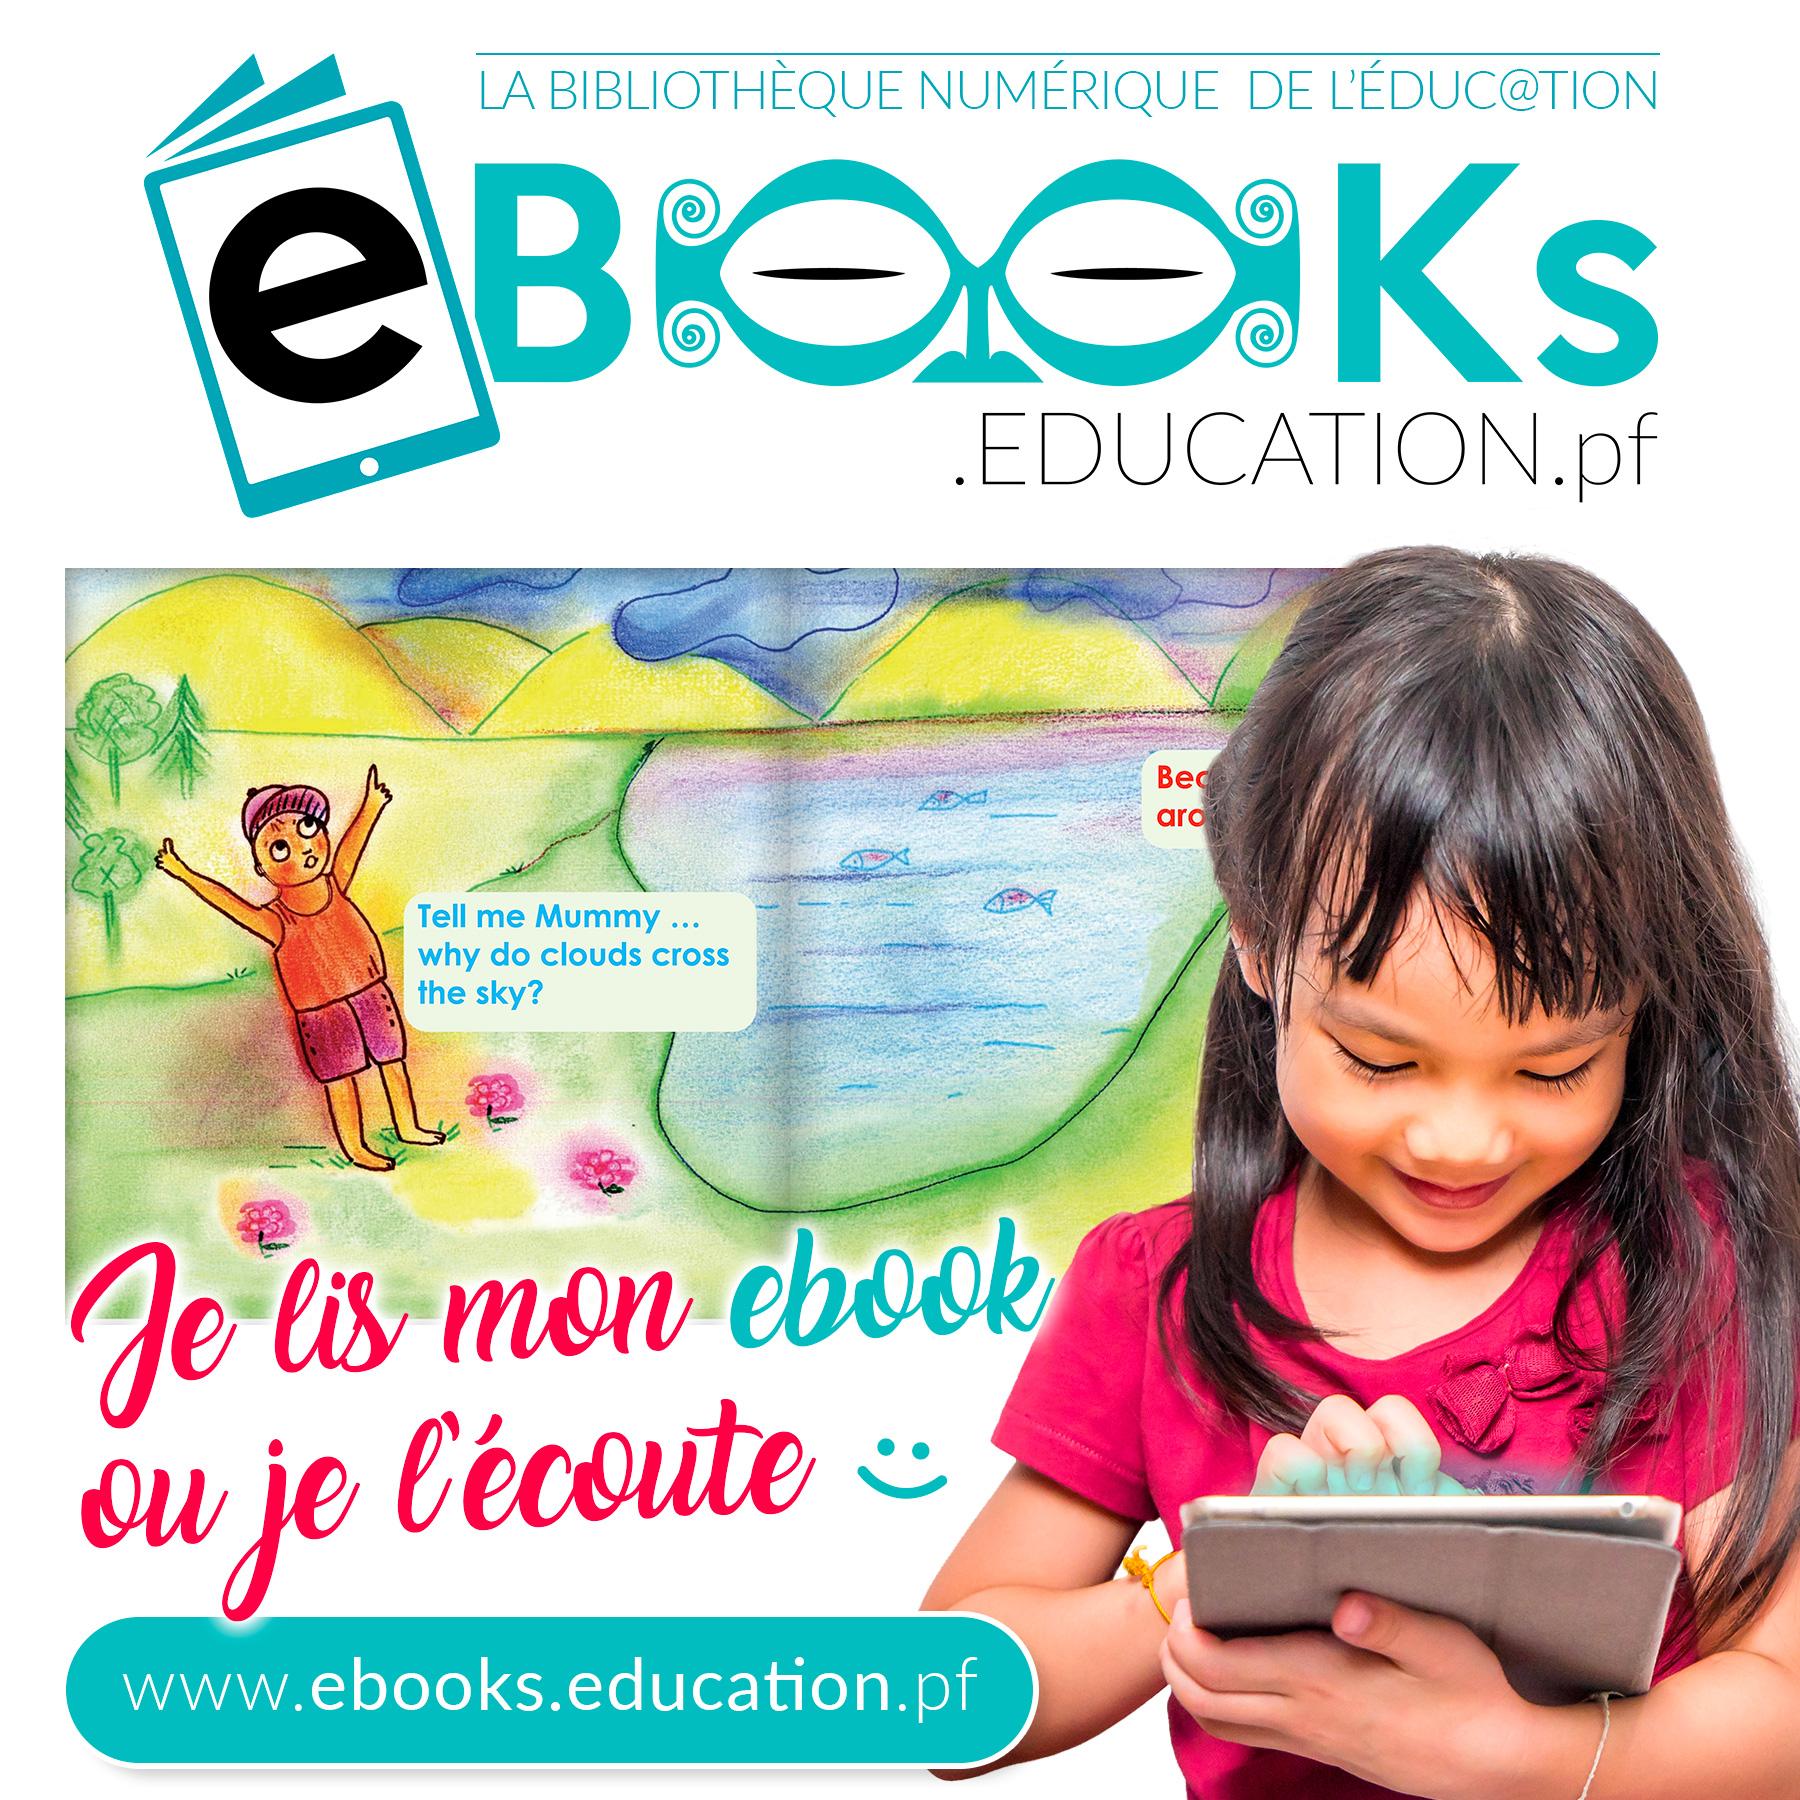 pub3-ebookseducation-carre